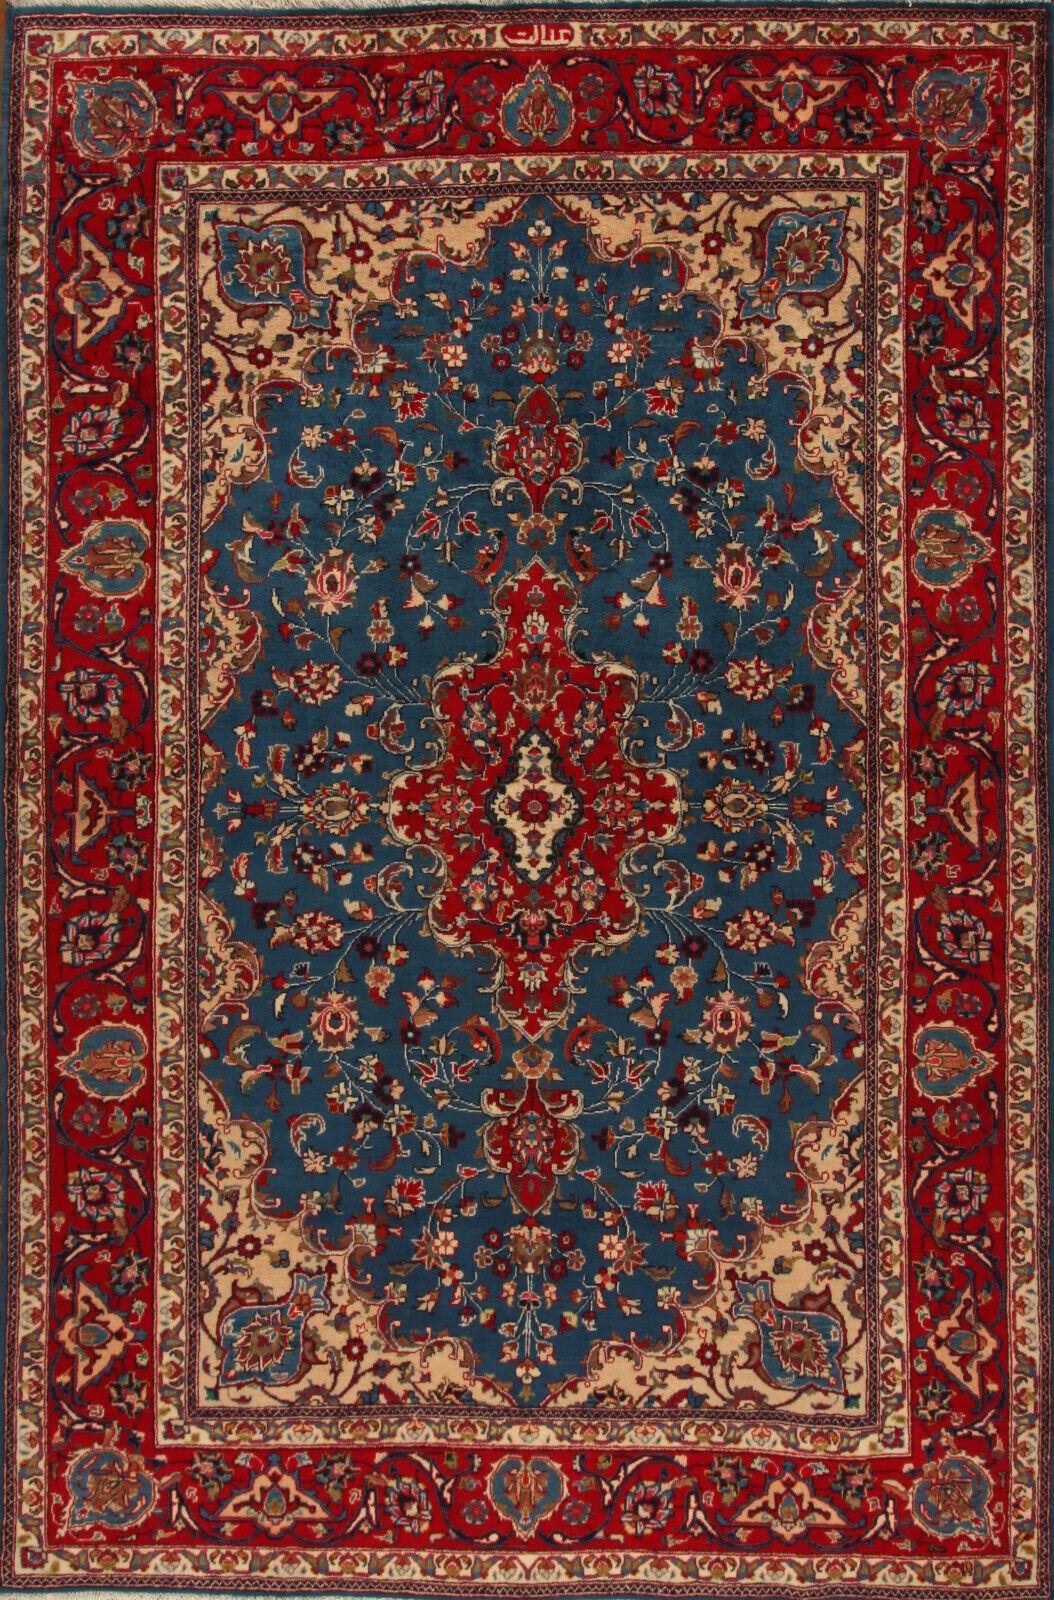 Alfombras Orientales Auténticas Hechas a Mano Persas Nr. 4596 (305 X 200) Cm